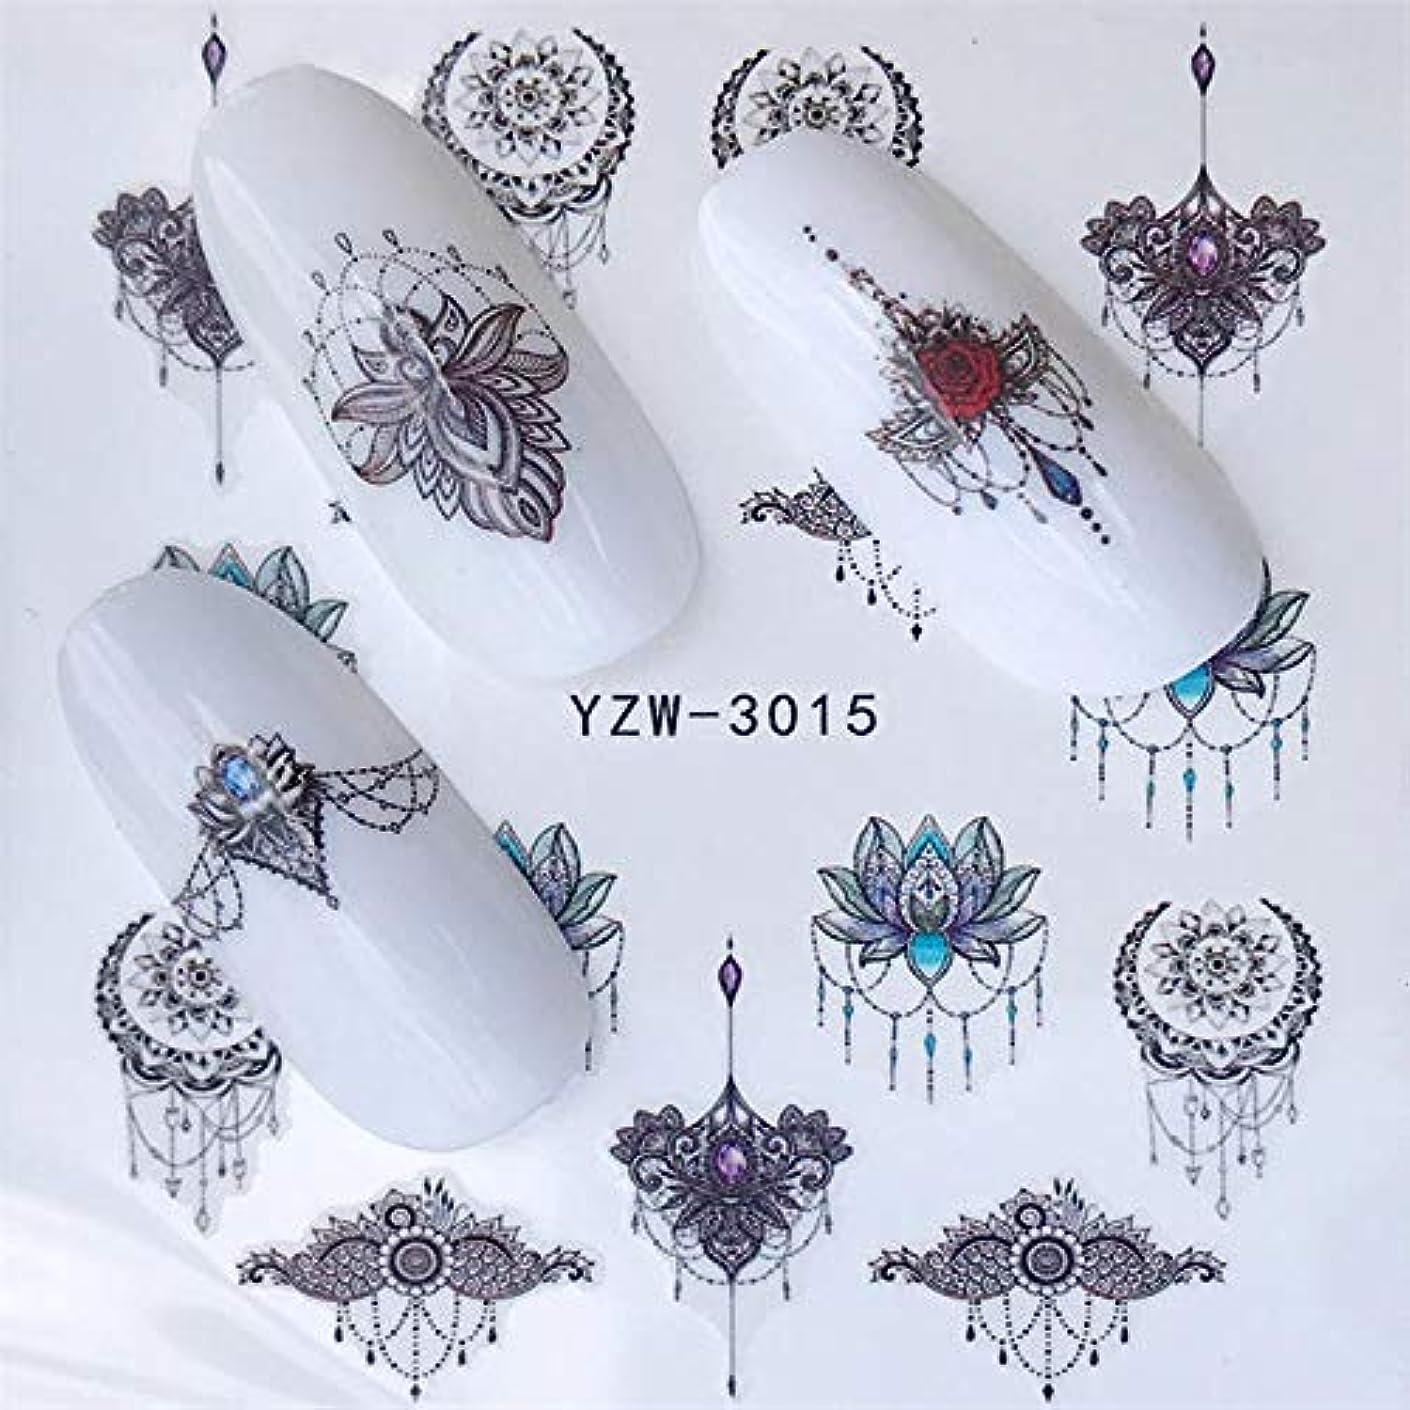 配置優先差別的SUKTI&XIAO ネイルステッカー 10枚の水デカールネイルアートネイルステッカースライダーケーキネガティブスペースフラワーカラフルなヒントDiyネイルデカール装飾、Yzw-3015